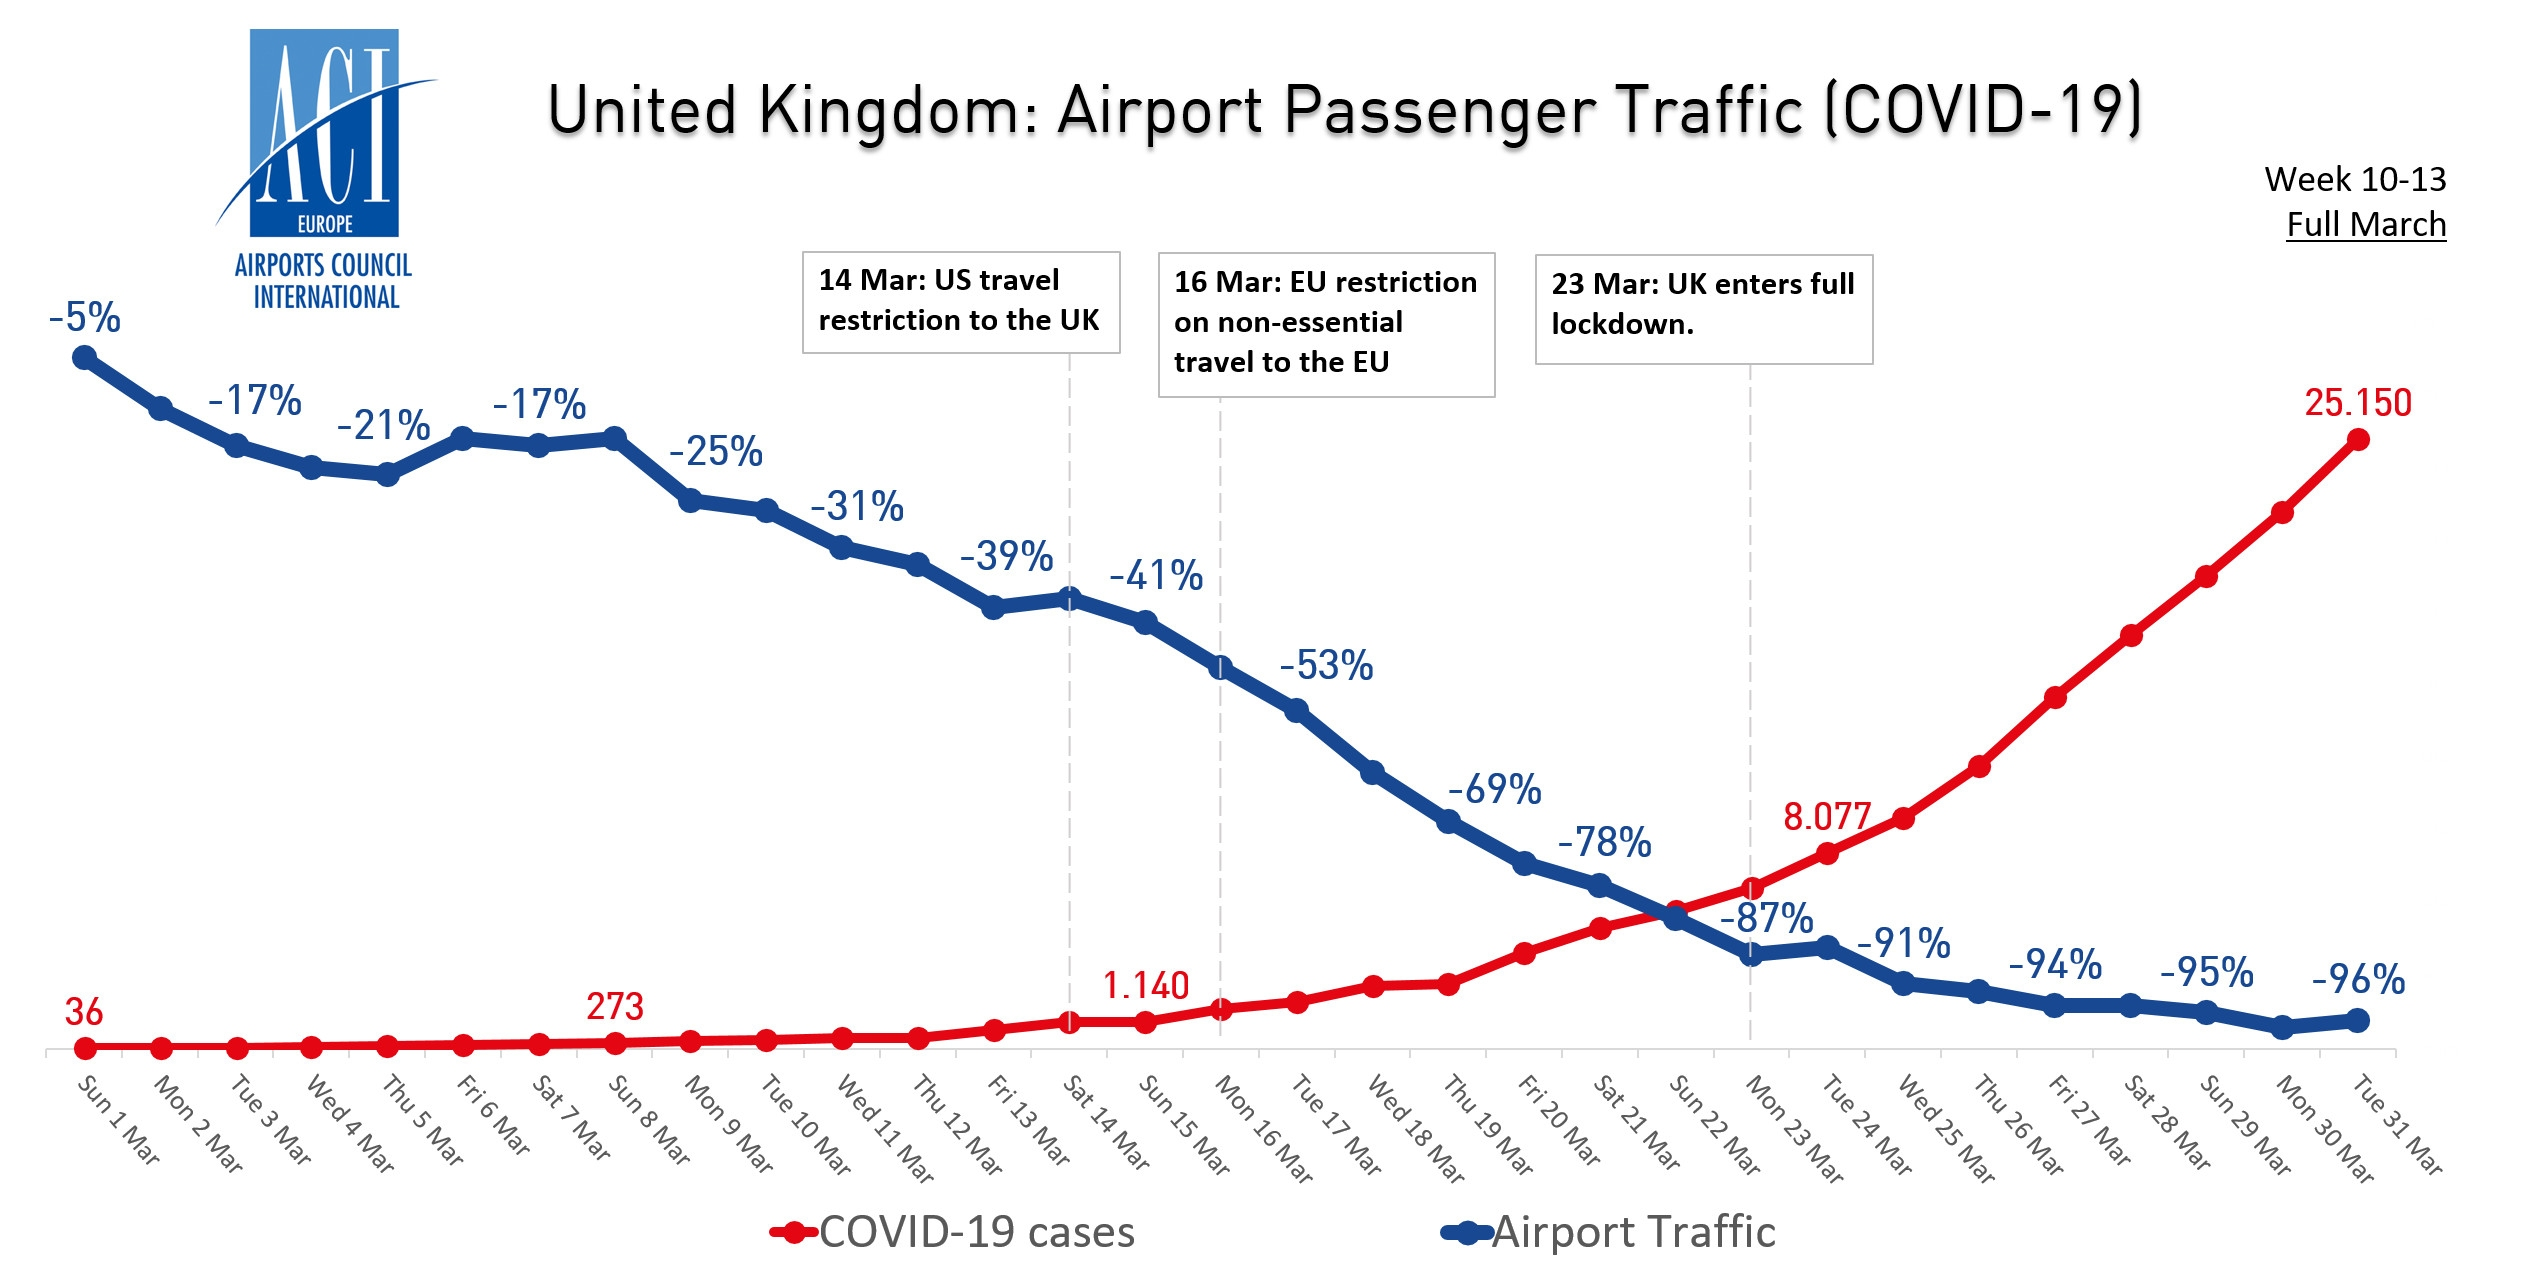 英国机场客流量与新冠病毒病例走势图